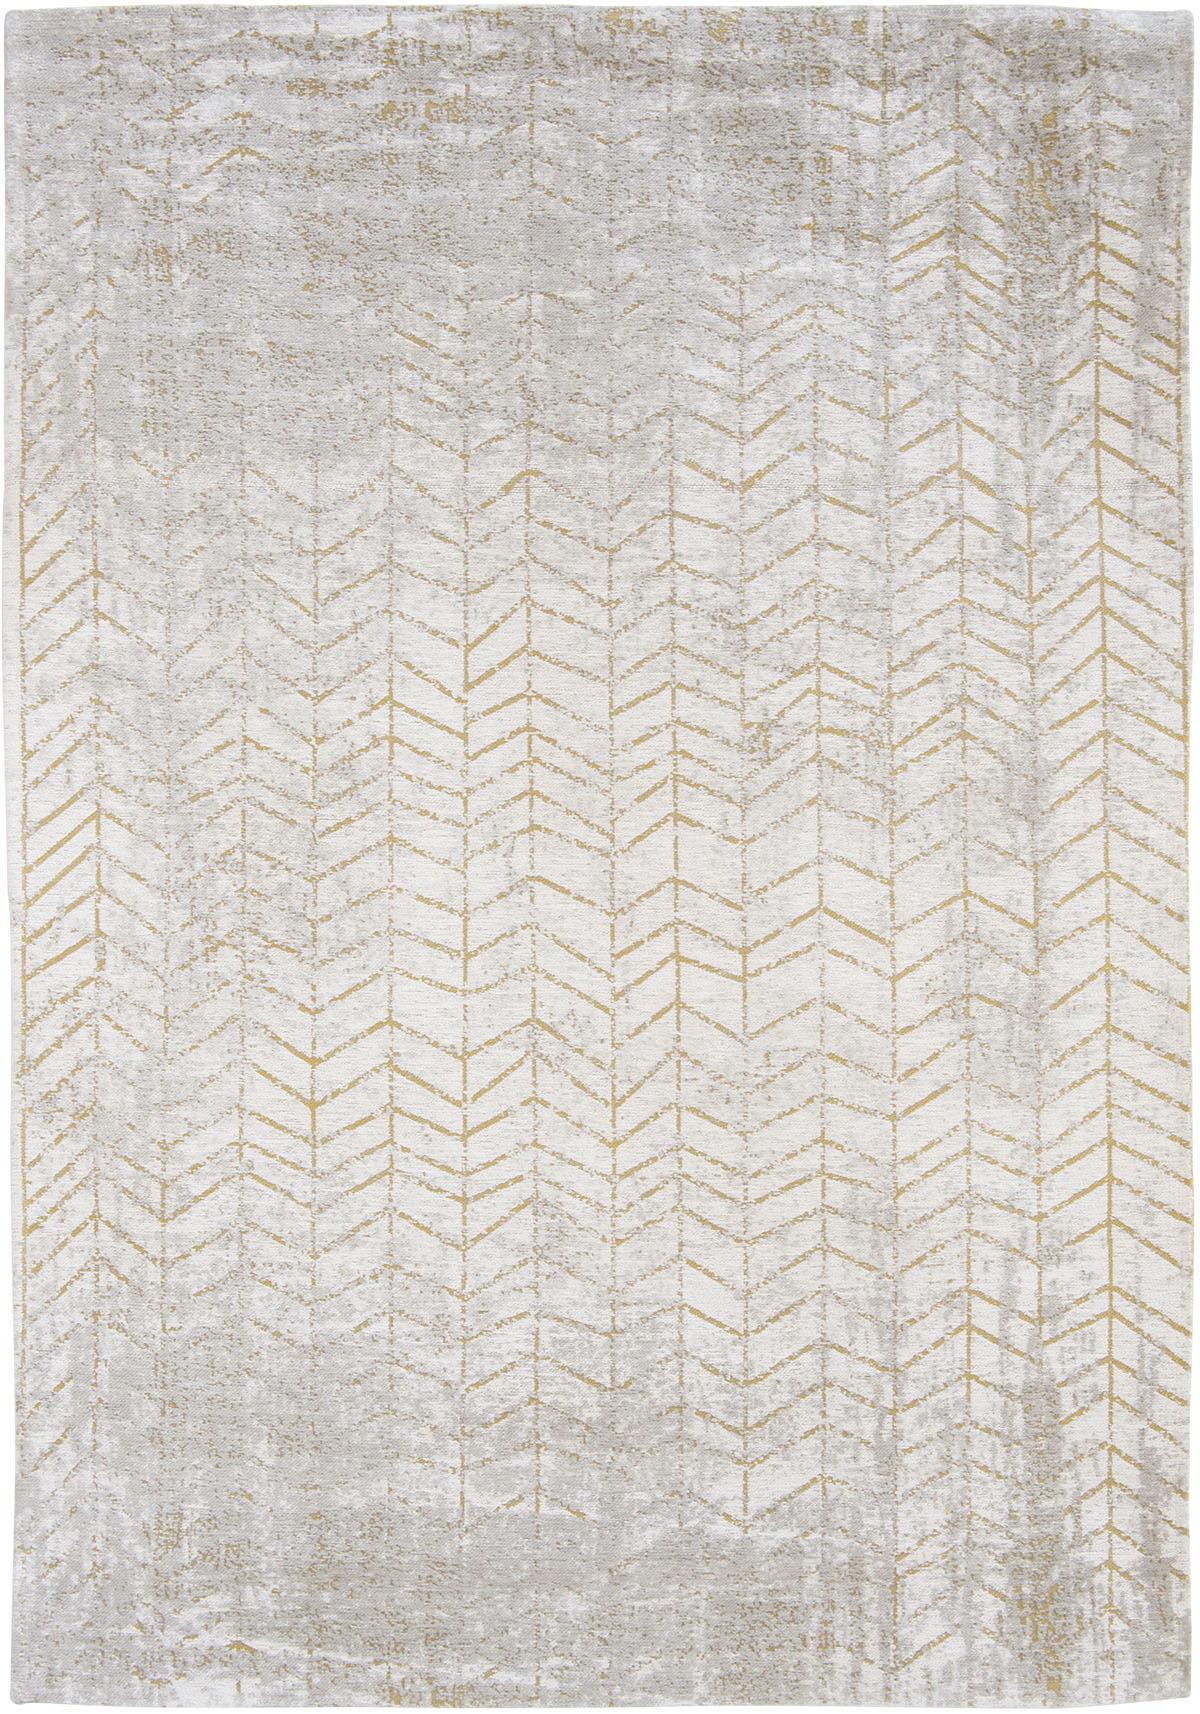 Złoto Biały Dywan w Jodełkę - CENTRAL YELLOW 8928 - Rozmiar: 140x200 cm